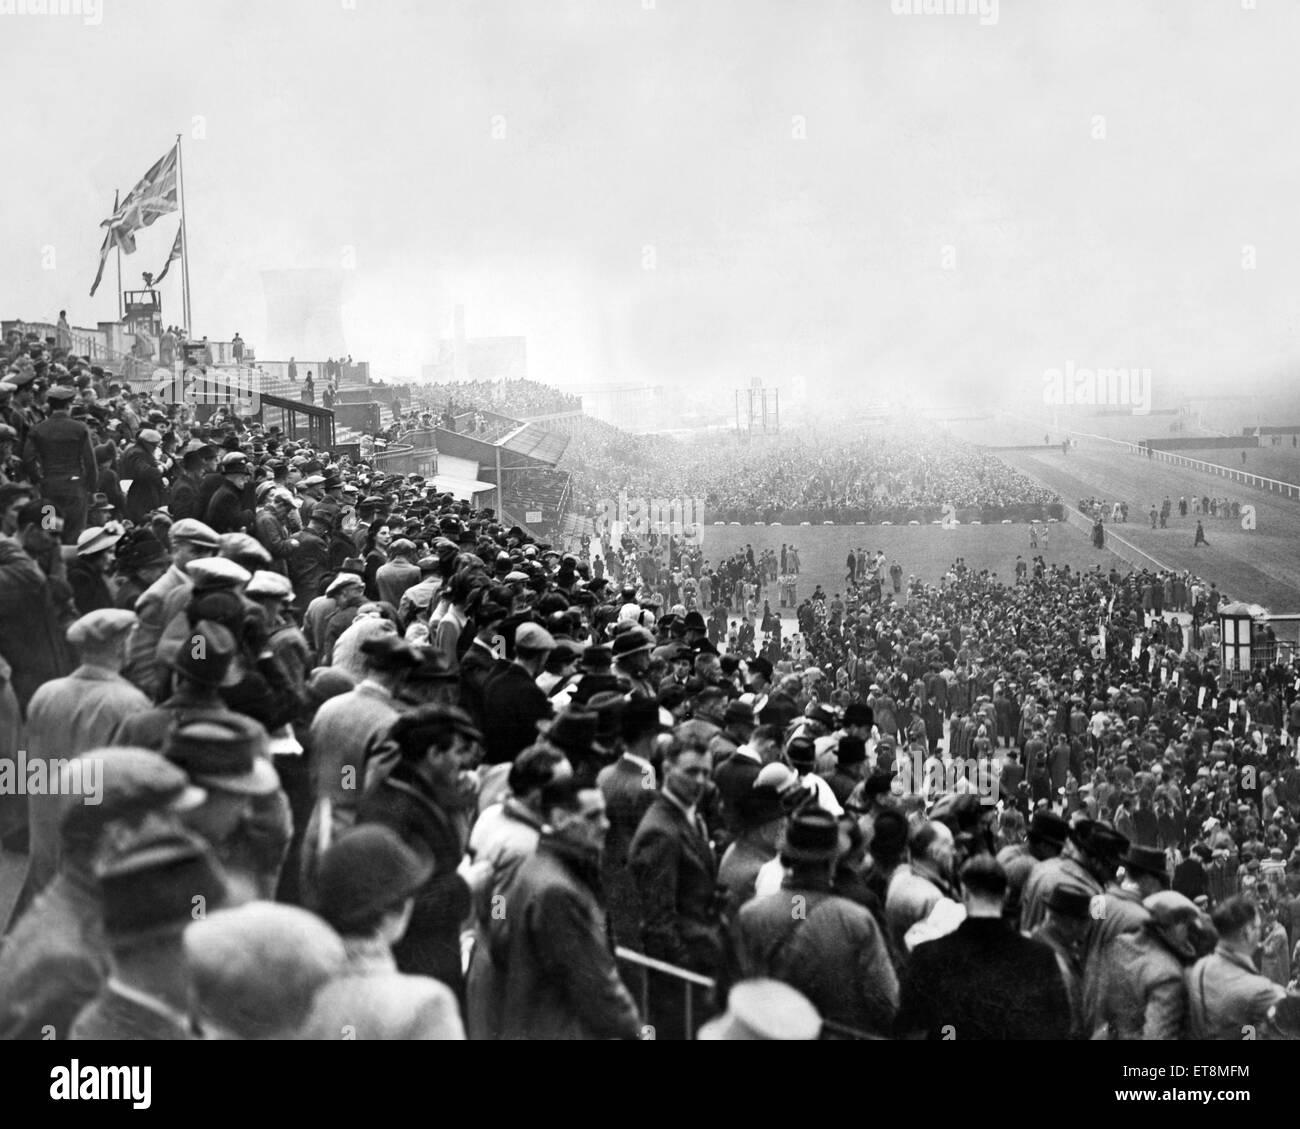 Eine allgemeine Szene zwischen Ereignissen in Aintree Racecourse in Liverpool am Tag des Grand National. 26. März Stockbild